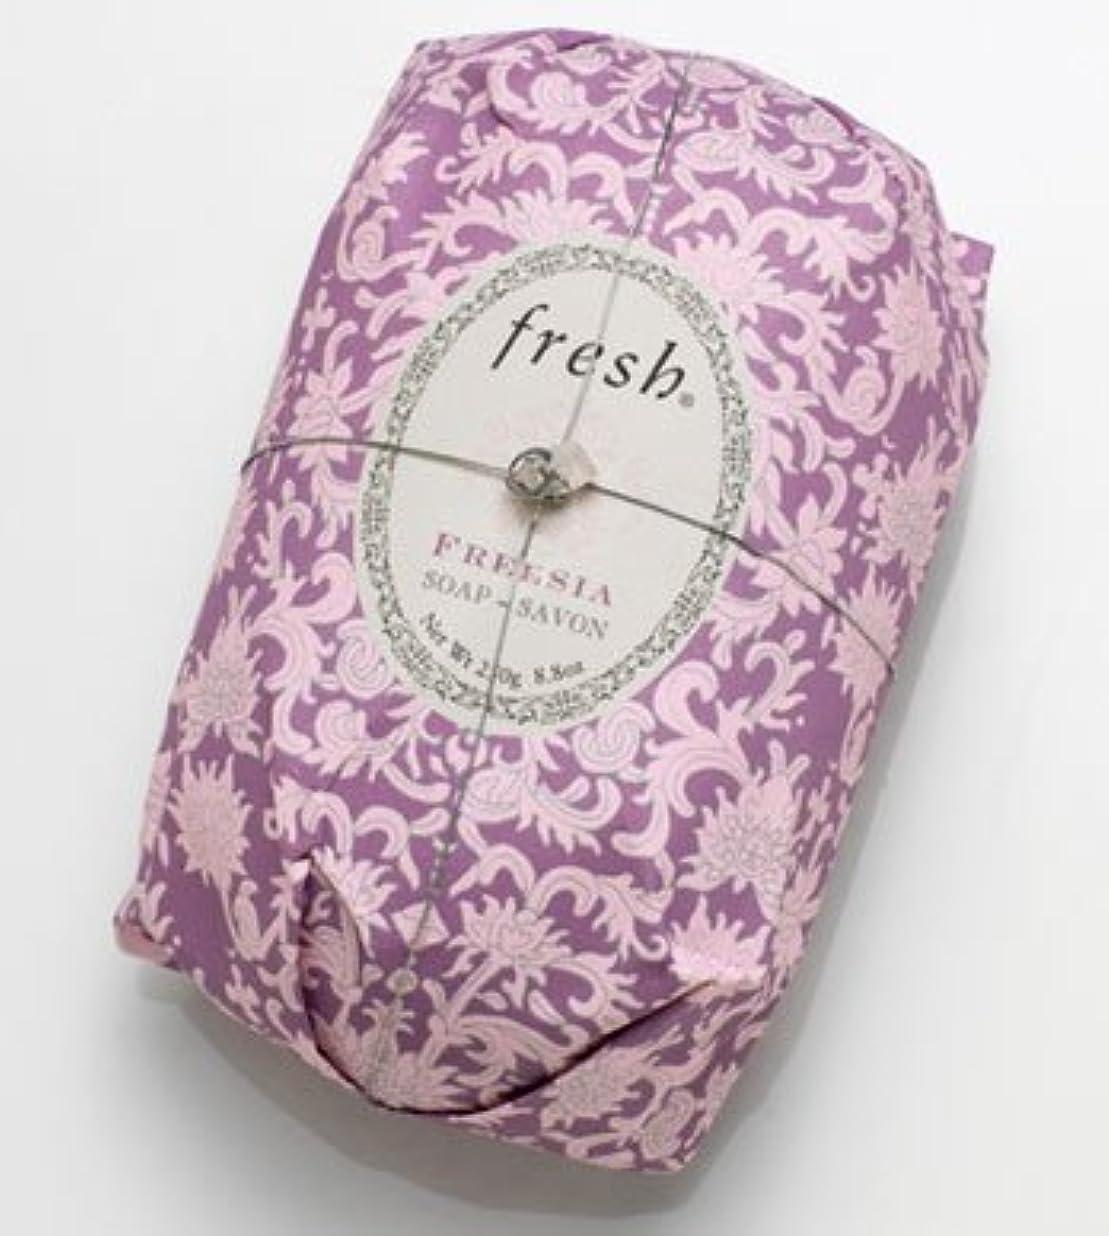 非武装化バタフライメアリアンジョーンズFresh FREESIA  SOAP (フレッシュ フリージア ソープ) 8.8 oz (250g) Soap (石鹸) by Fresh